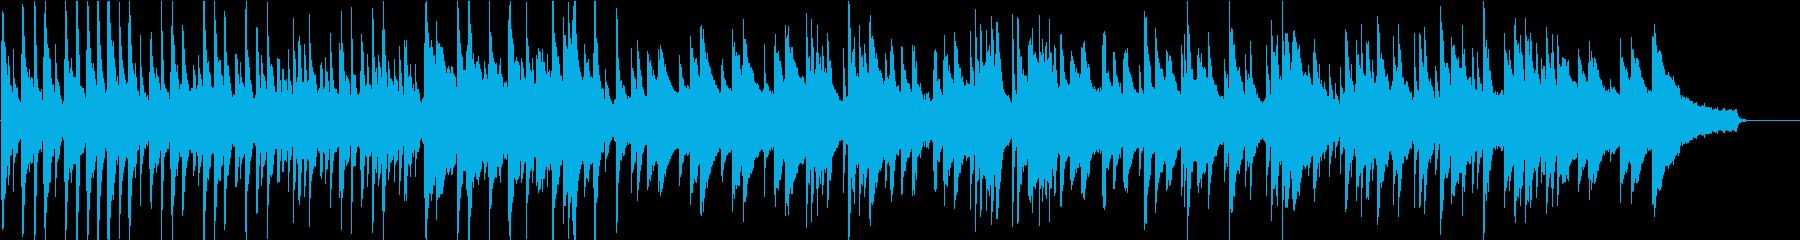 ピアノ楽曲。さびれた宮殿の時計のイメージの再生済みの波形